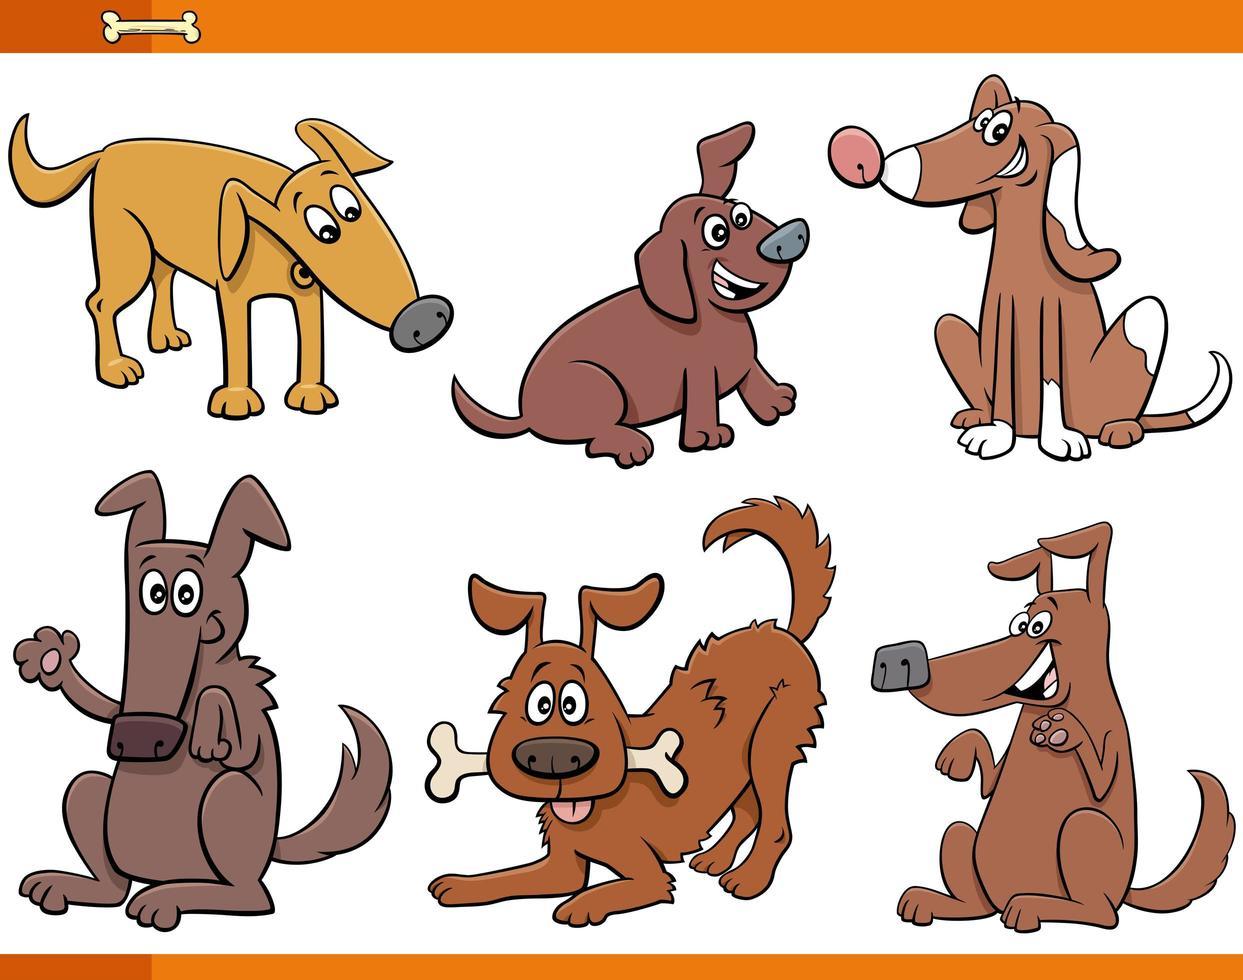 tecknade hundar och valpar djur karaktärer uppsättning vektor